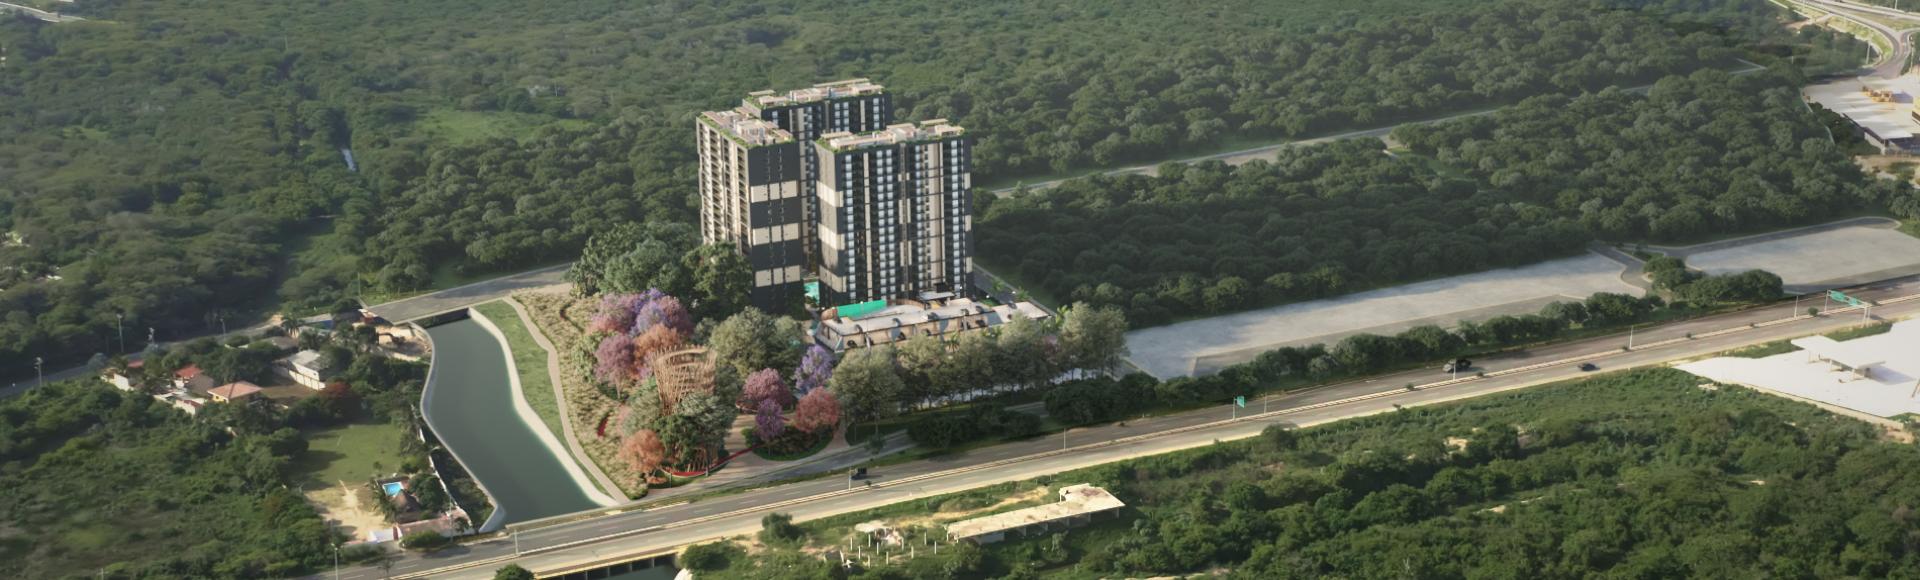 Conozca +House Caujaral, un proyecto de inversión inmobiliaria sin precedentes en la Región Caribe Colombiana